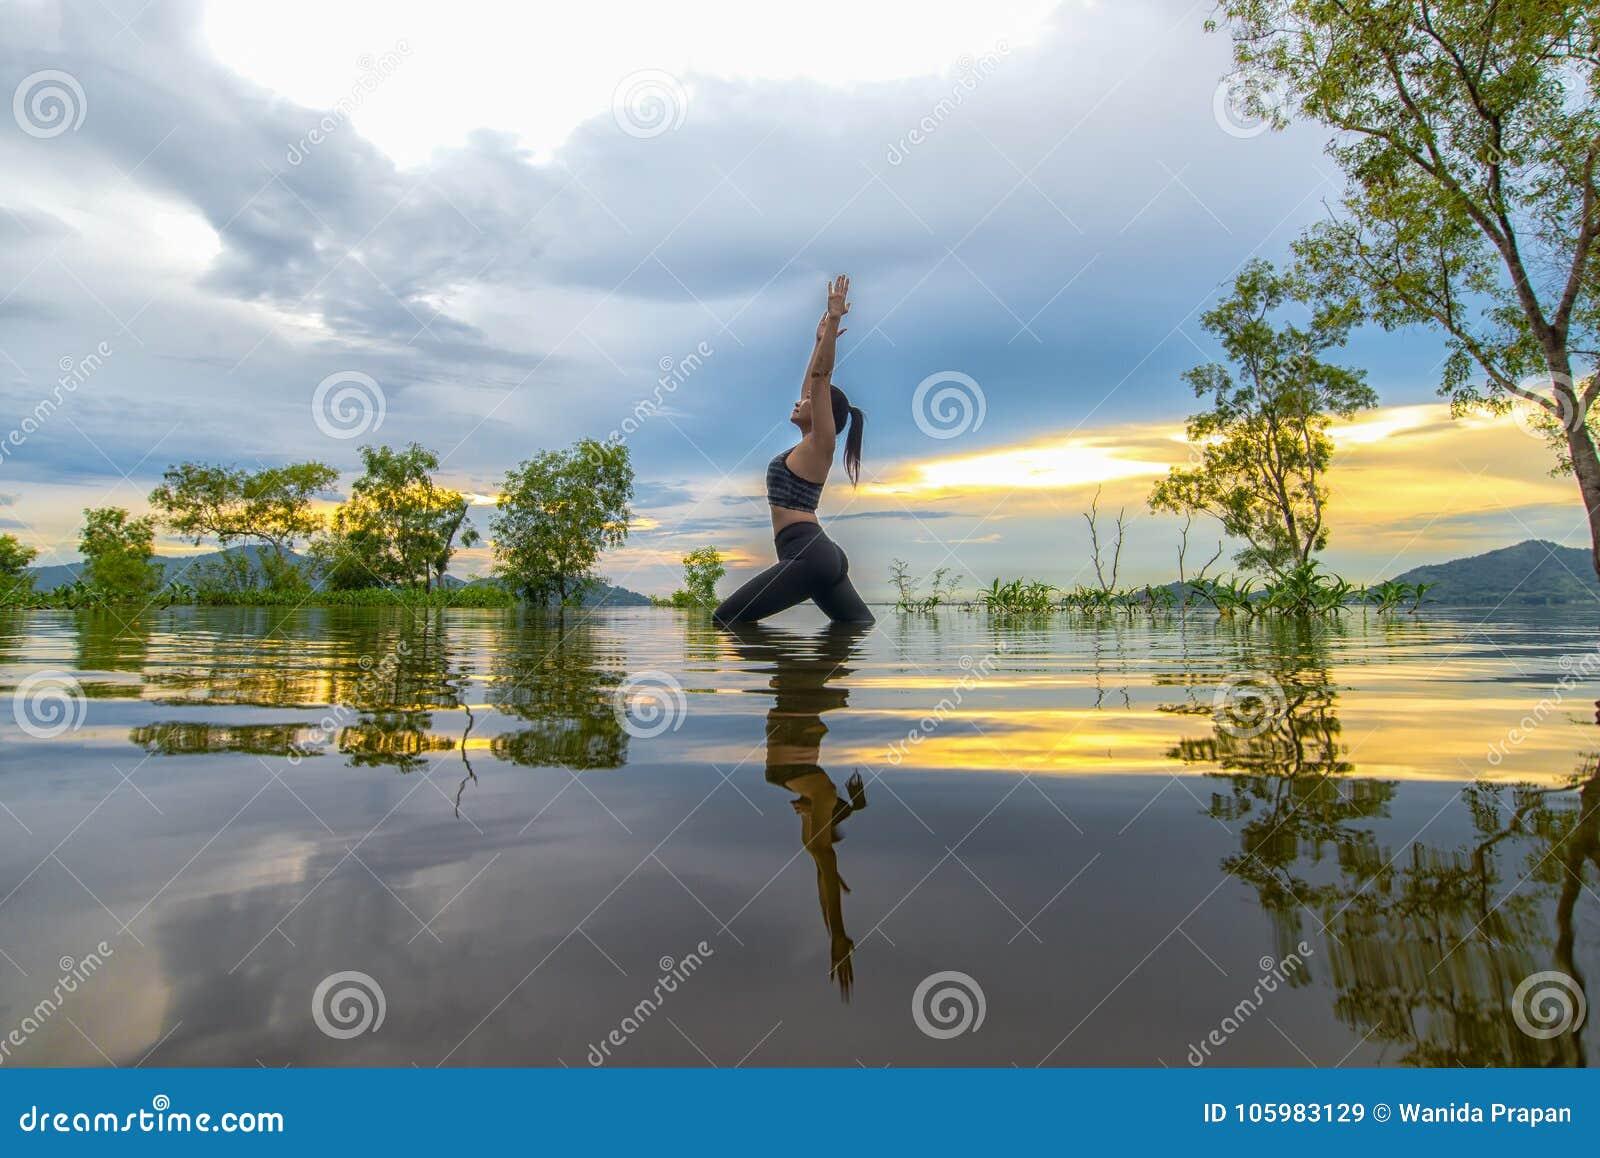 Sylwetki młodej kobiety stylu życia ćwiczyć zasadniczy medytuje i ćwiczyć odbija na wodnej powodzi drzewa w rezerwuarze, backgr